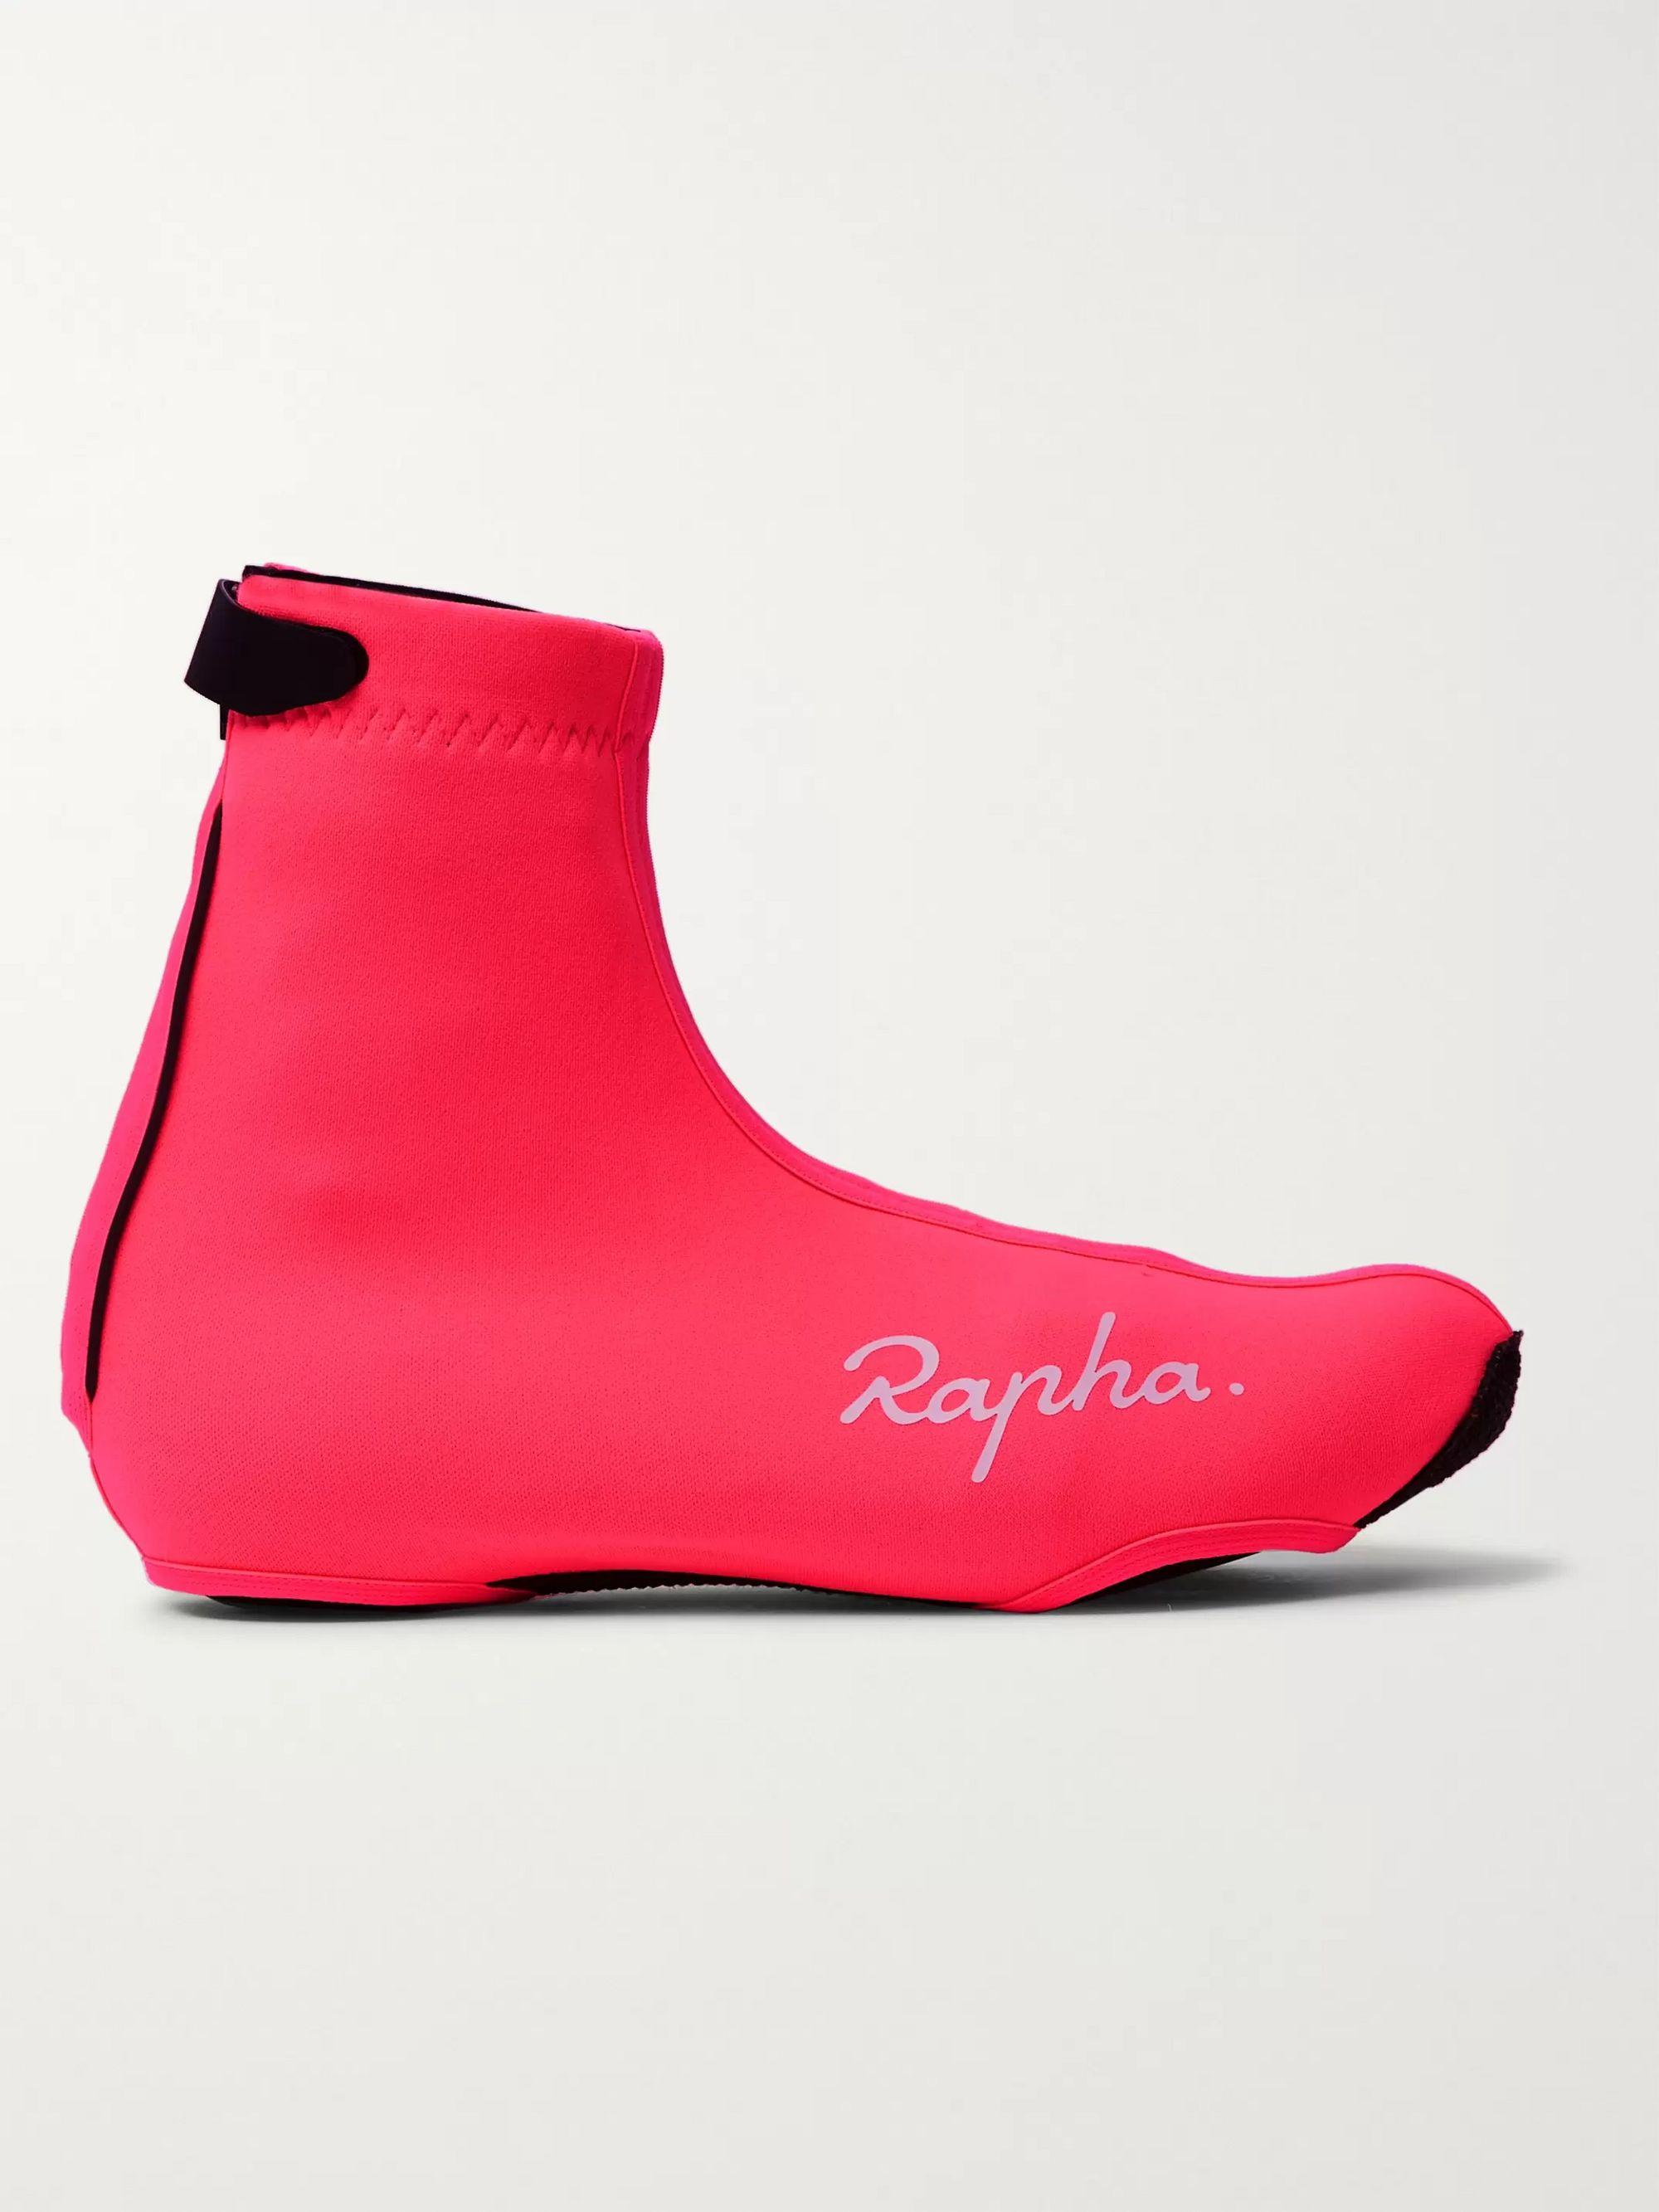 Rapha Neoprene Cycling Overshoes